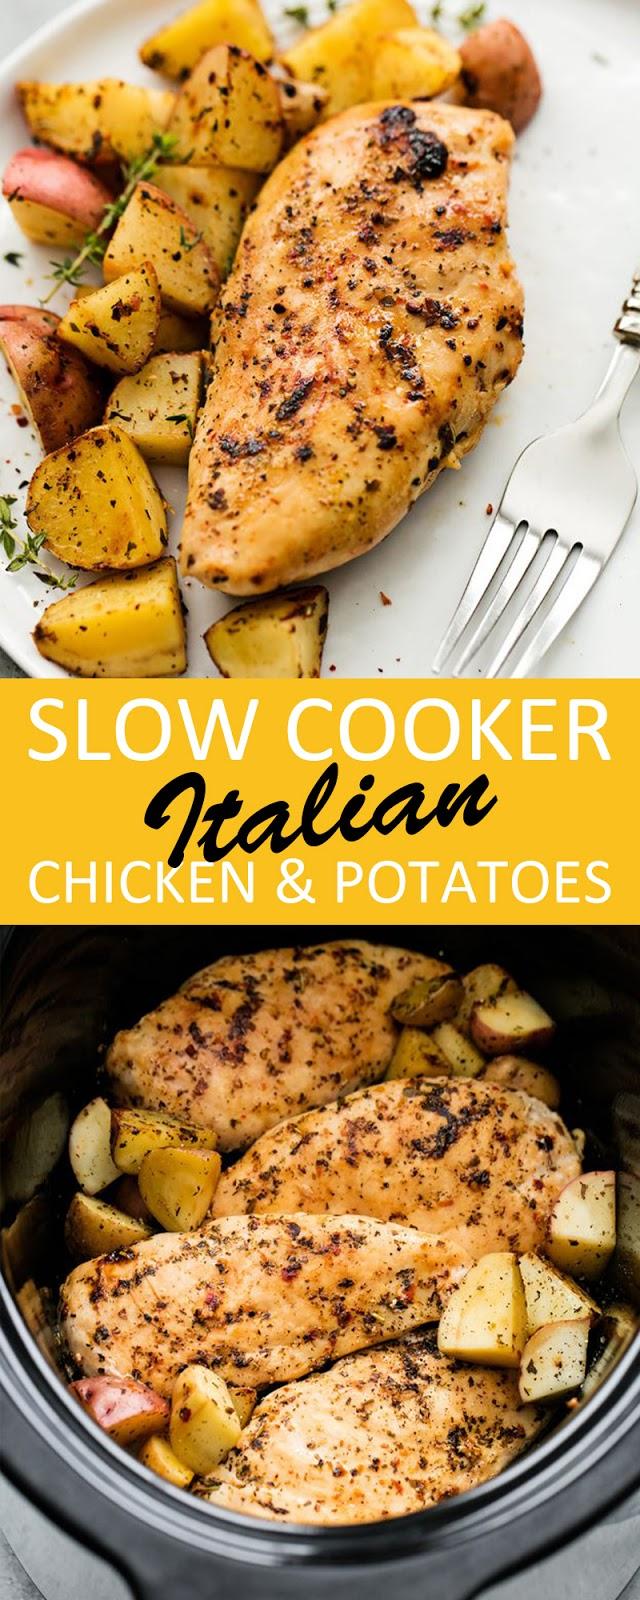 SLOW COOKER ITALIAN CHICKEN & POTATOES